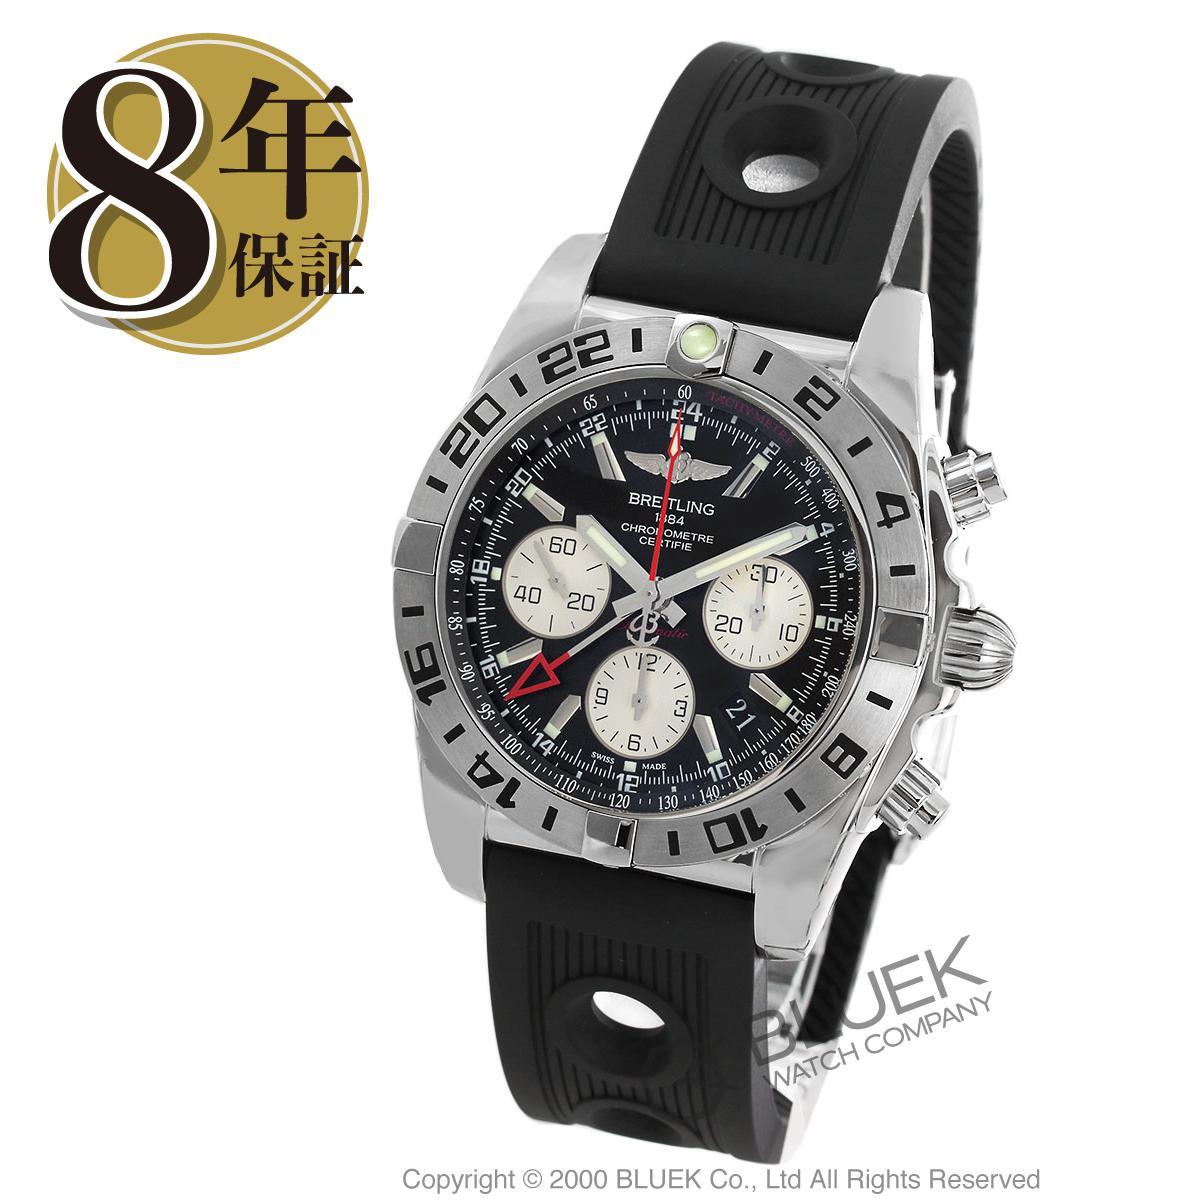 【最大3万円割引クーポン 11/01~】ブライトリング クロノマット 44 GMT クロノグラフ 腕時計 メンズ BREITLING AB0420B9/BB56-RU_8